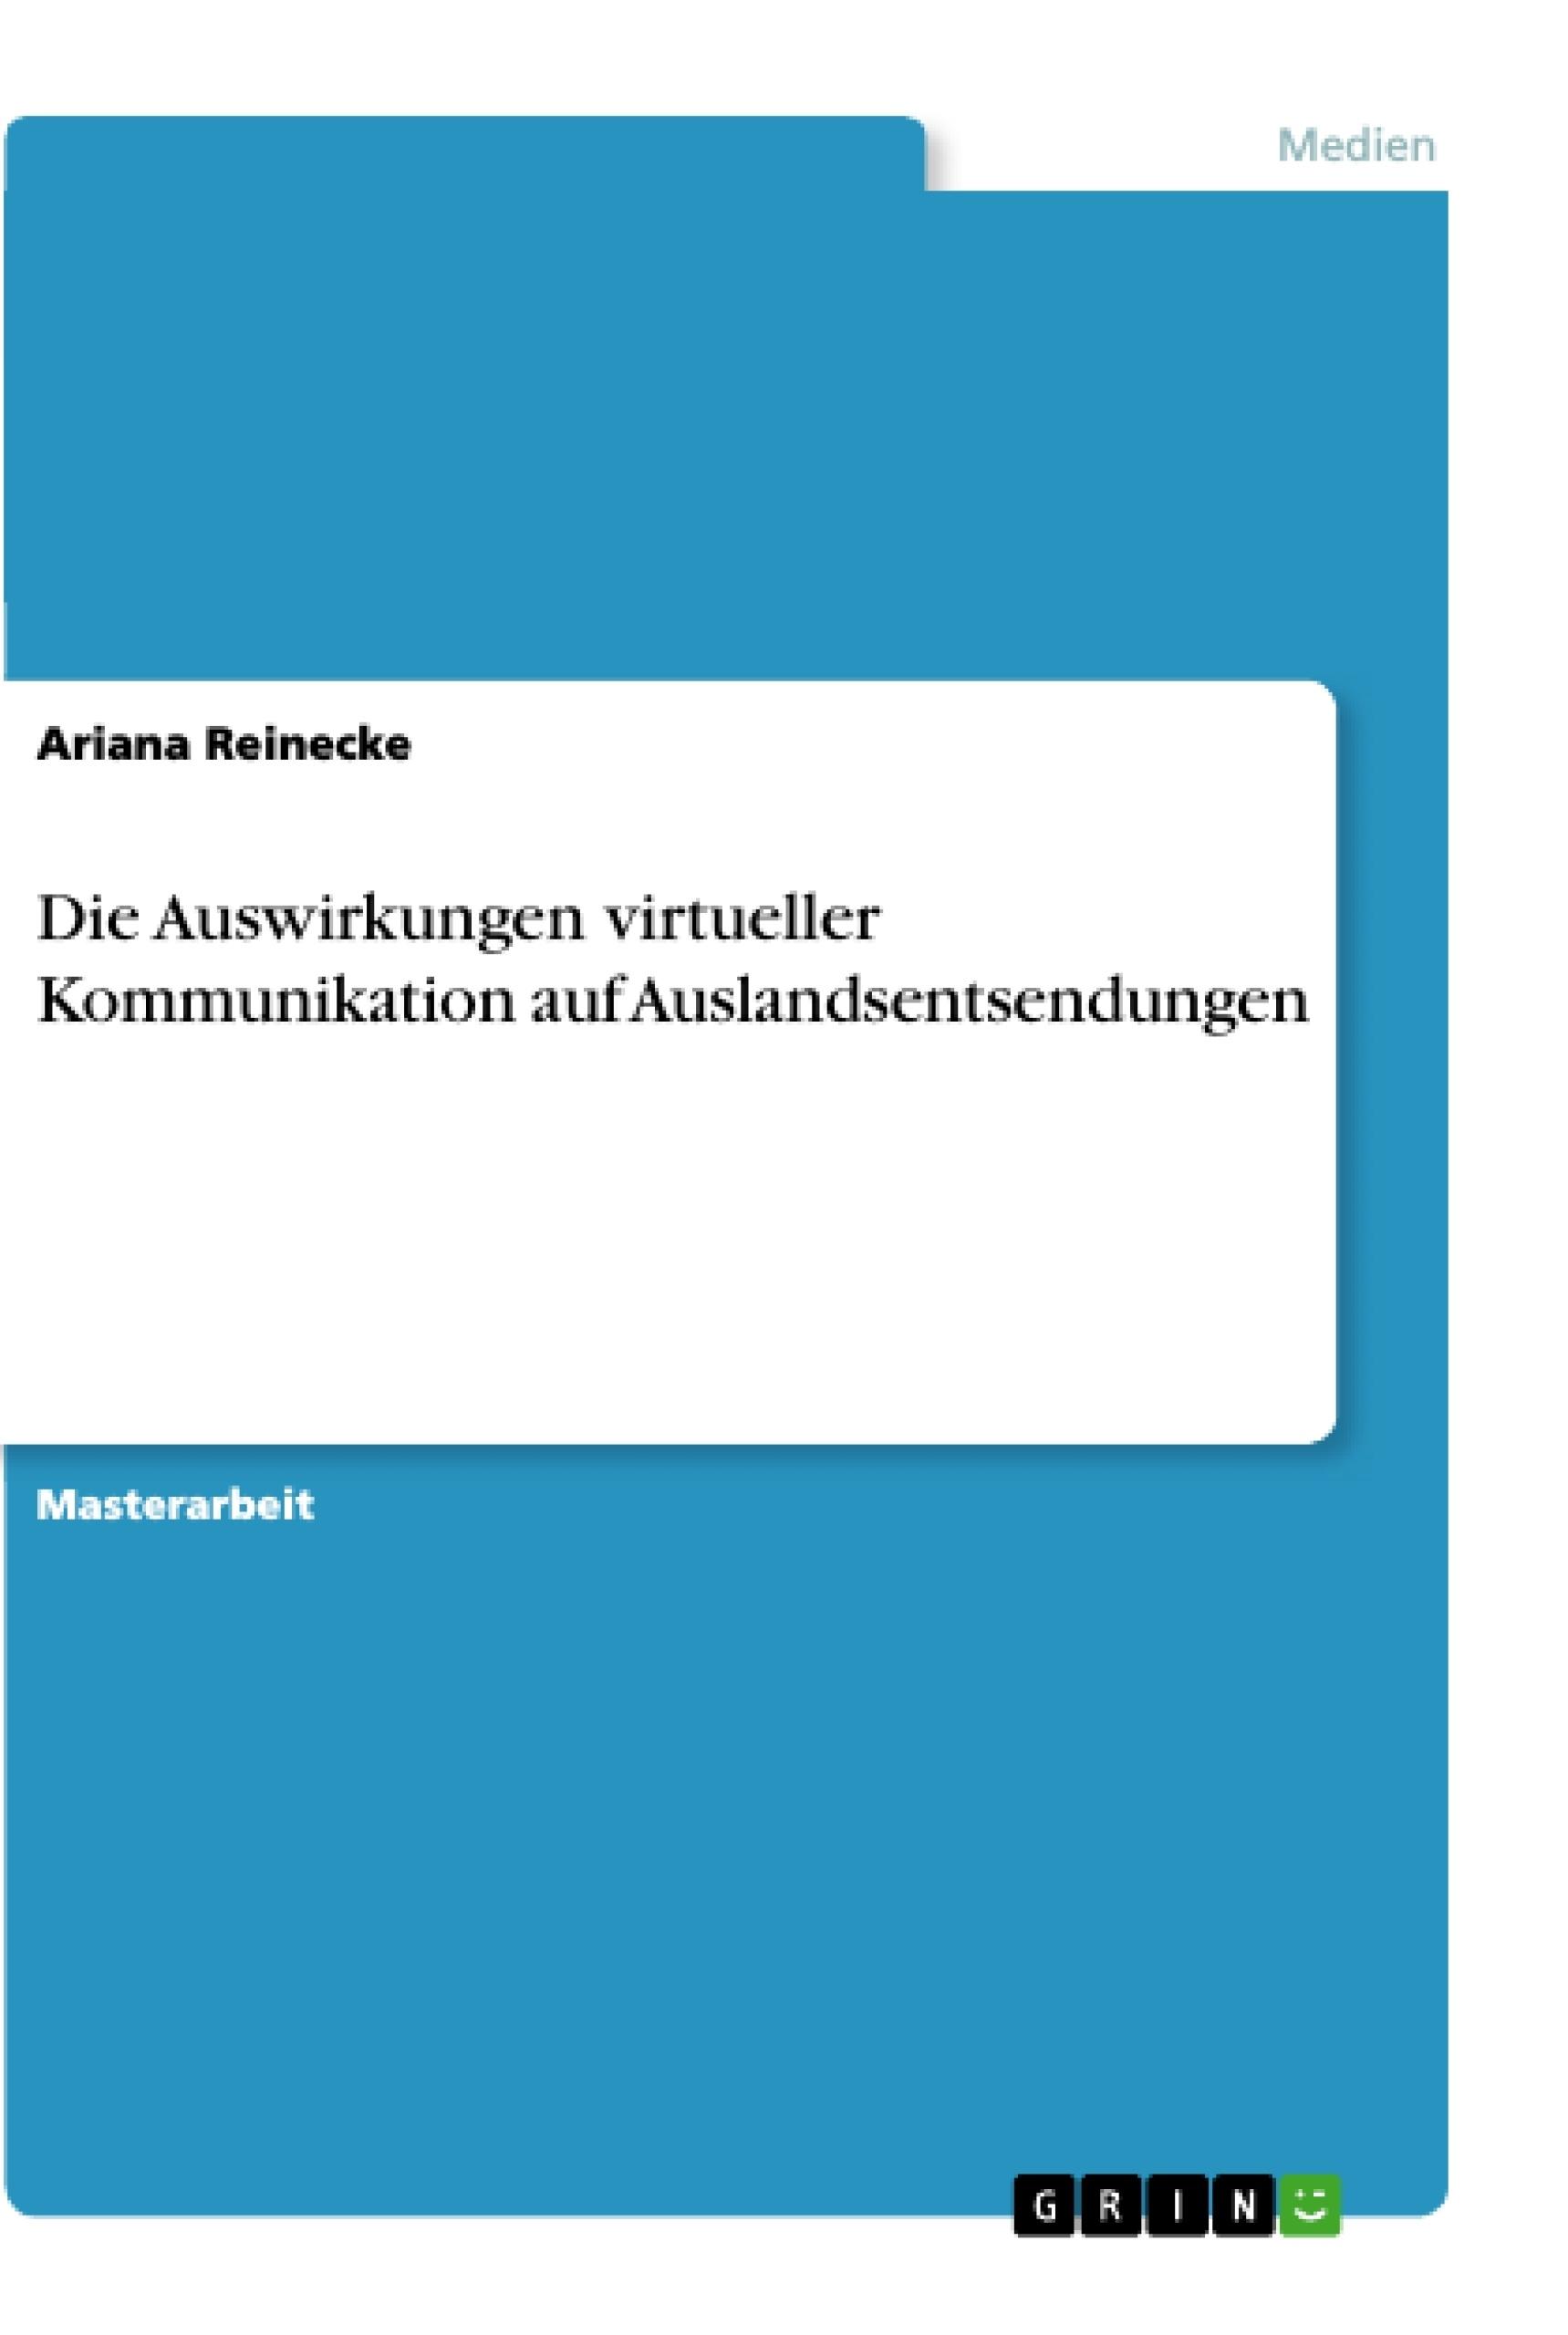 Titel: Die Auswirkungen virtueller Kommunikation auf Auslandsentsendungen